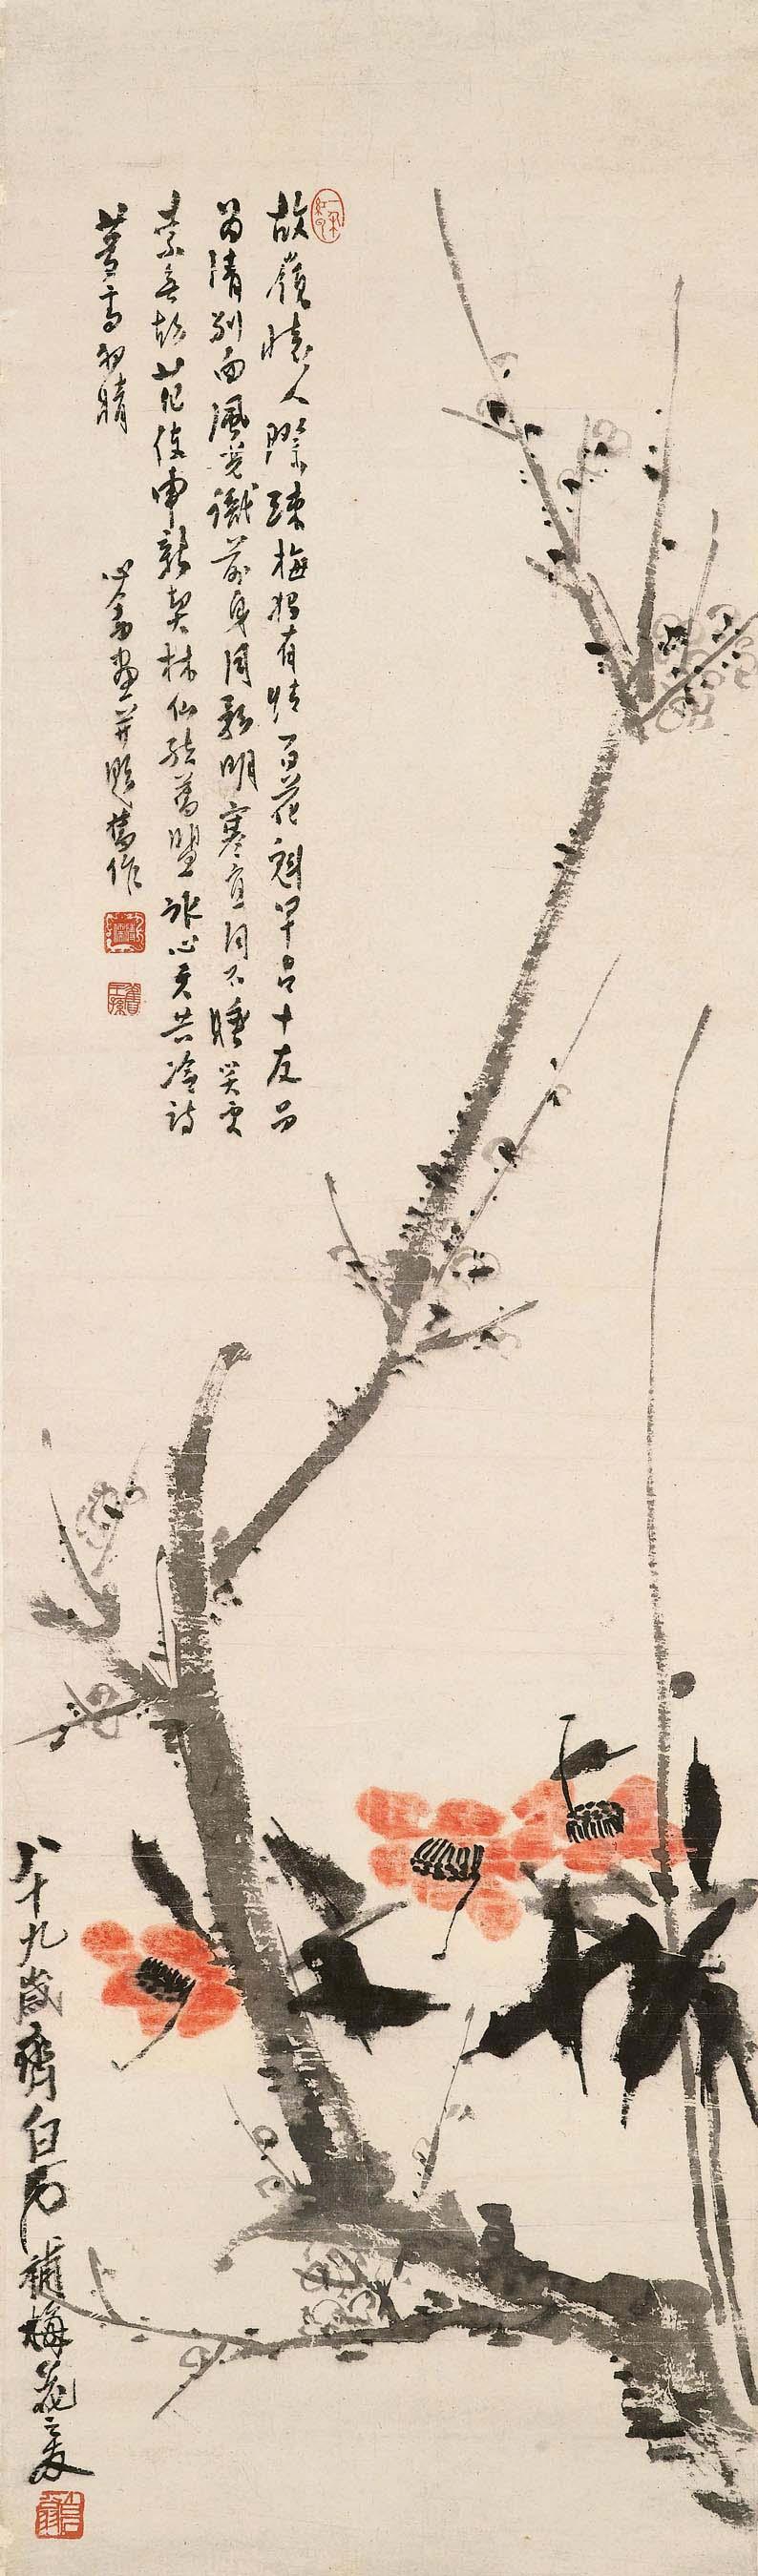 QI BAISHI (1863-1957)  PU RU (1896-1963)